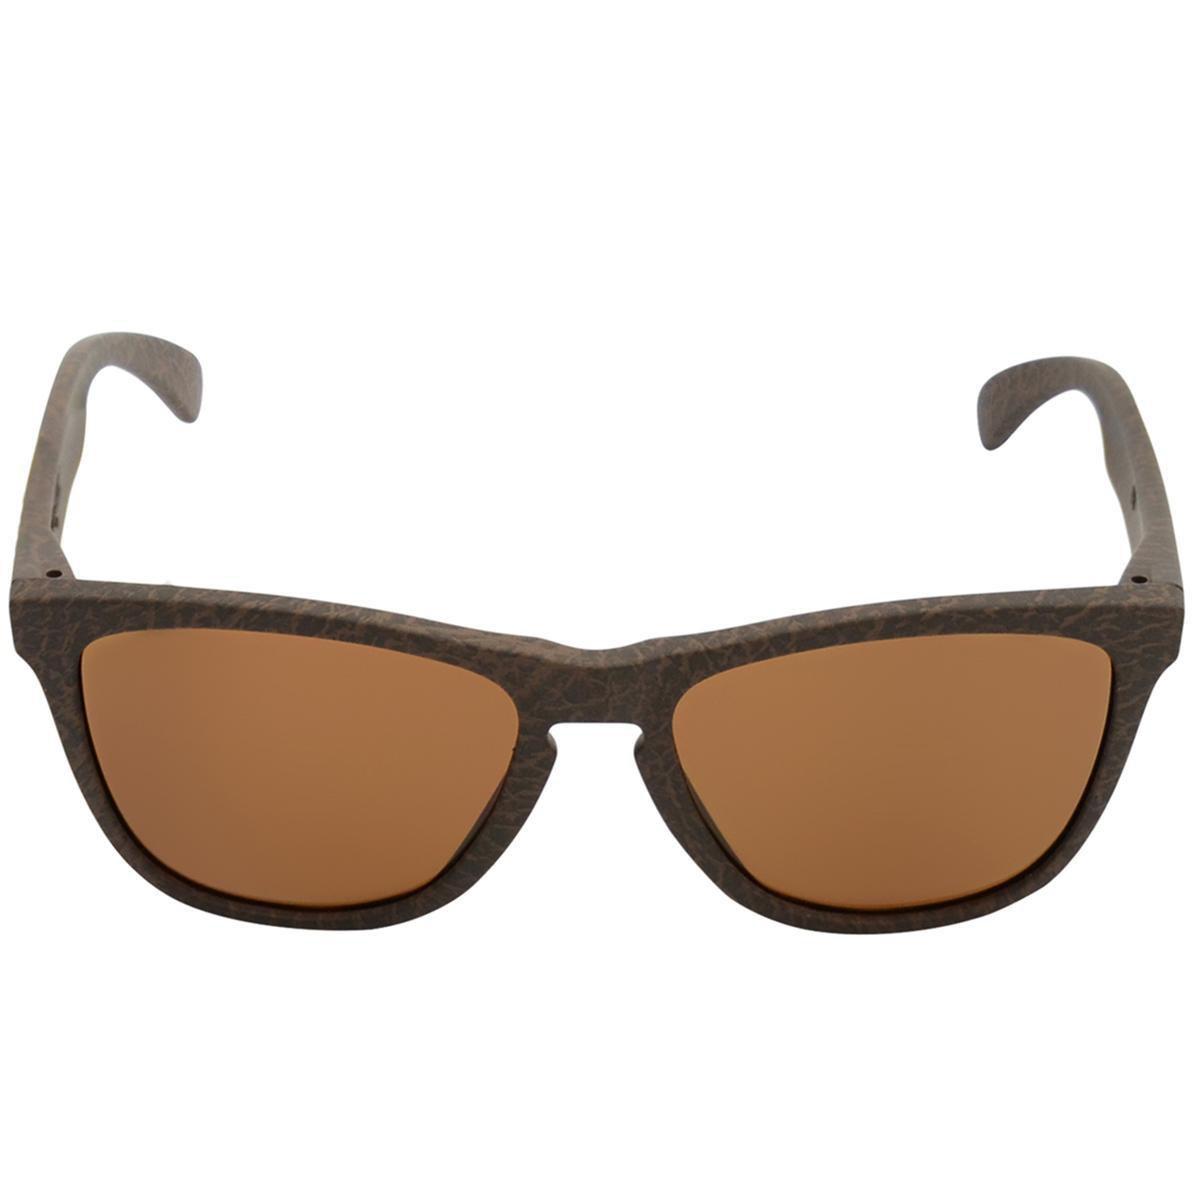 21f475cc0d4c1 Óculos Oakley Frogskins  Óculos Oakley Frogskins ...